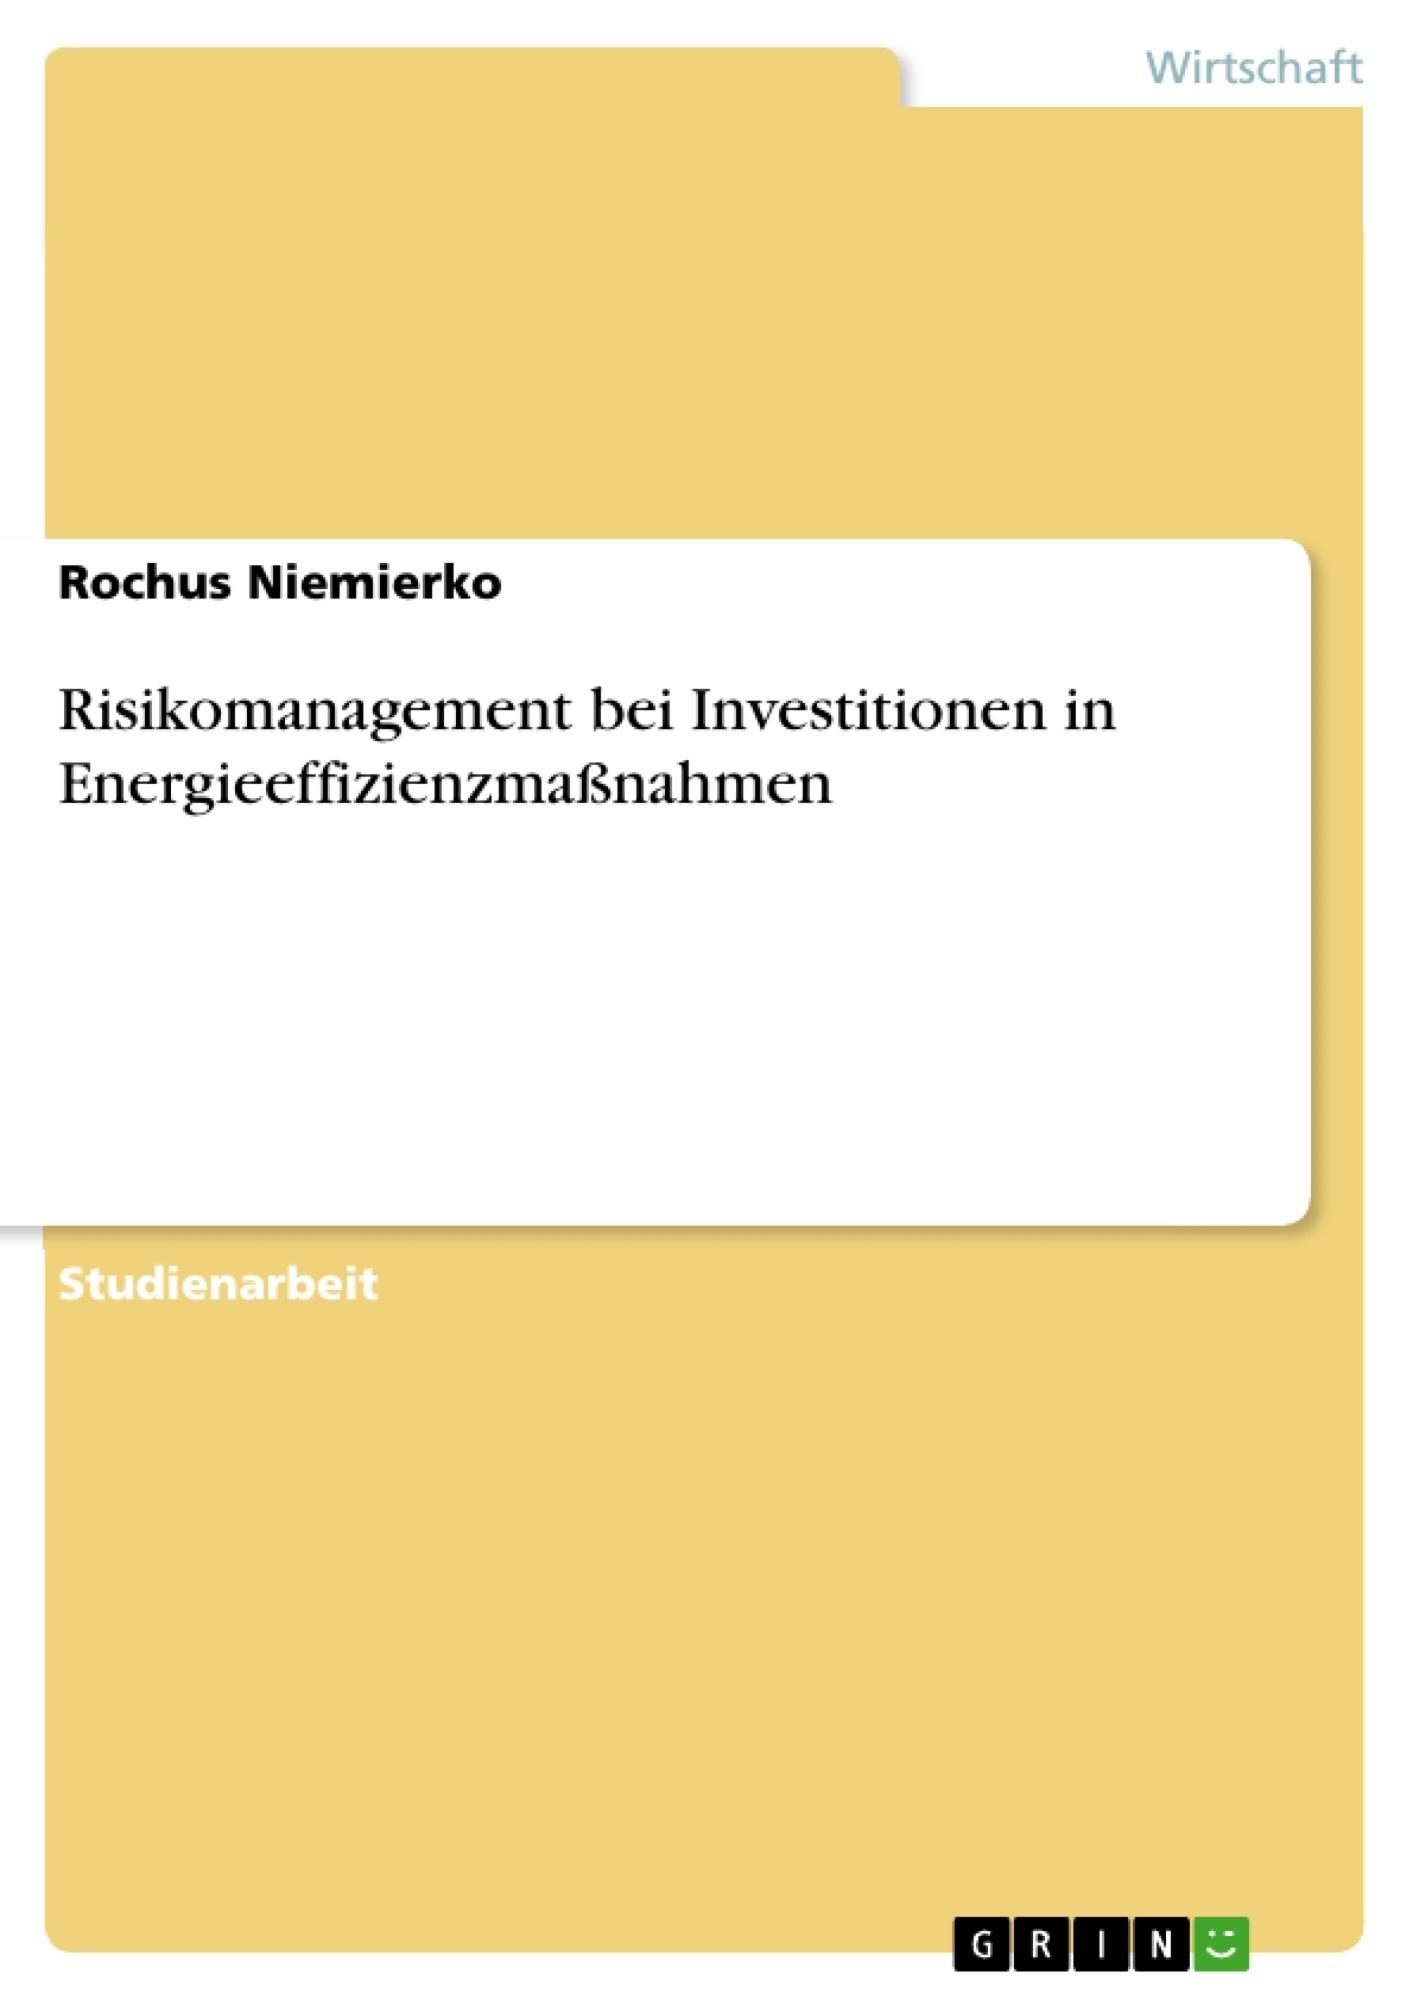 Titel: Risikomanagement bei Investitionen in Energieeffizienzmaßnahmen